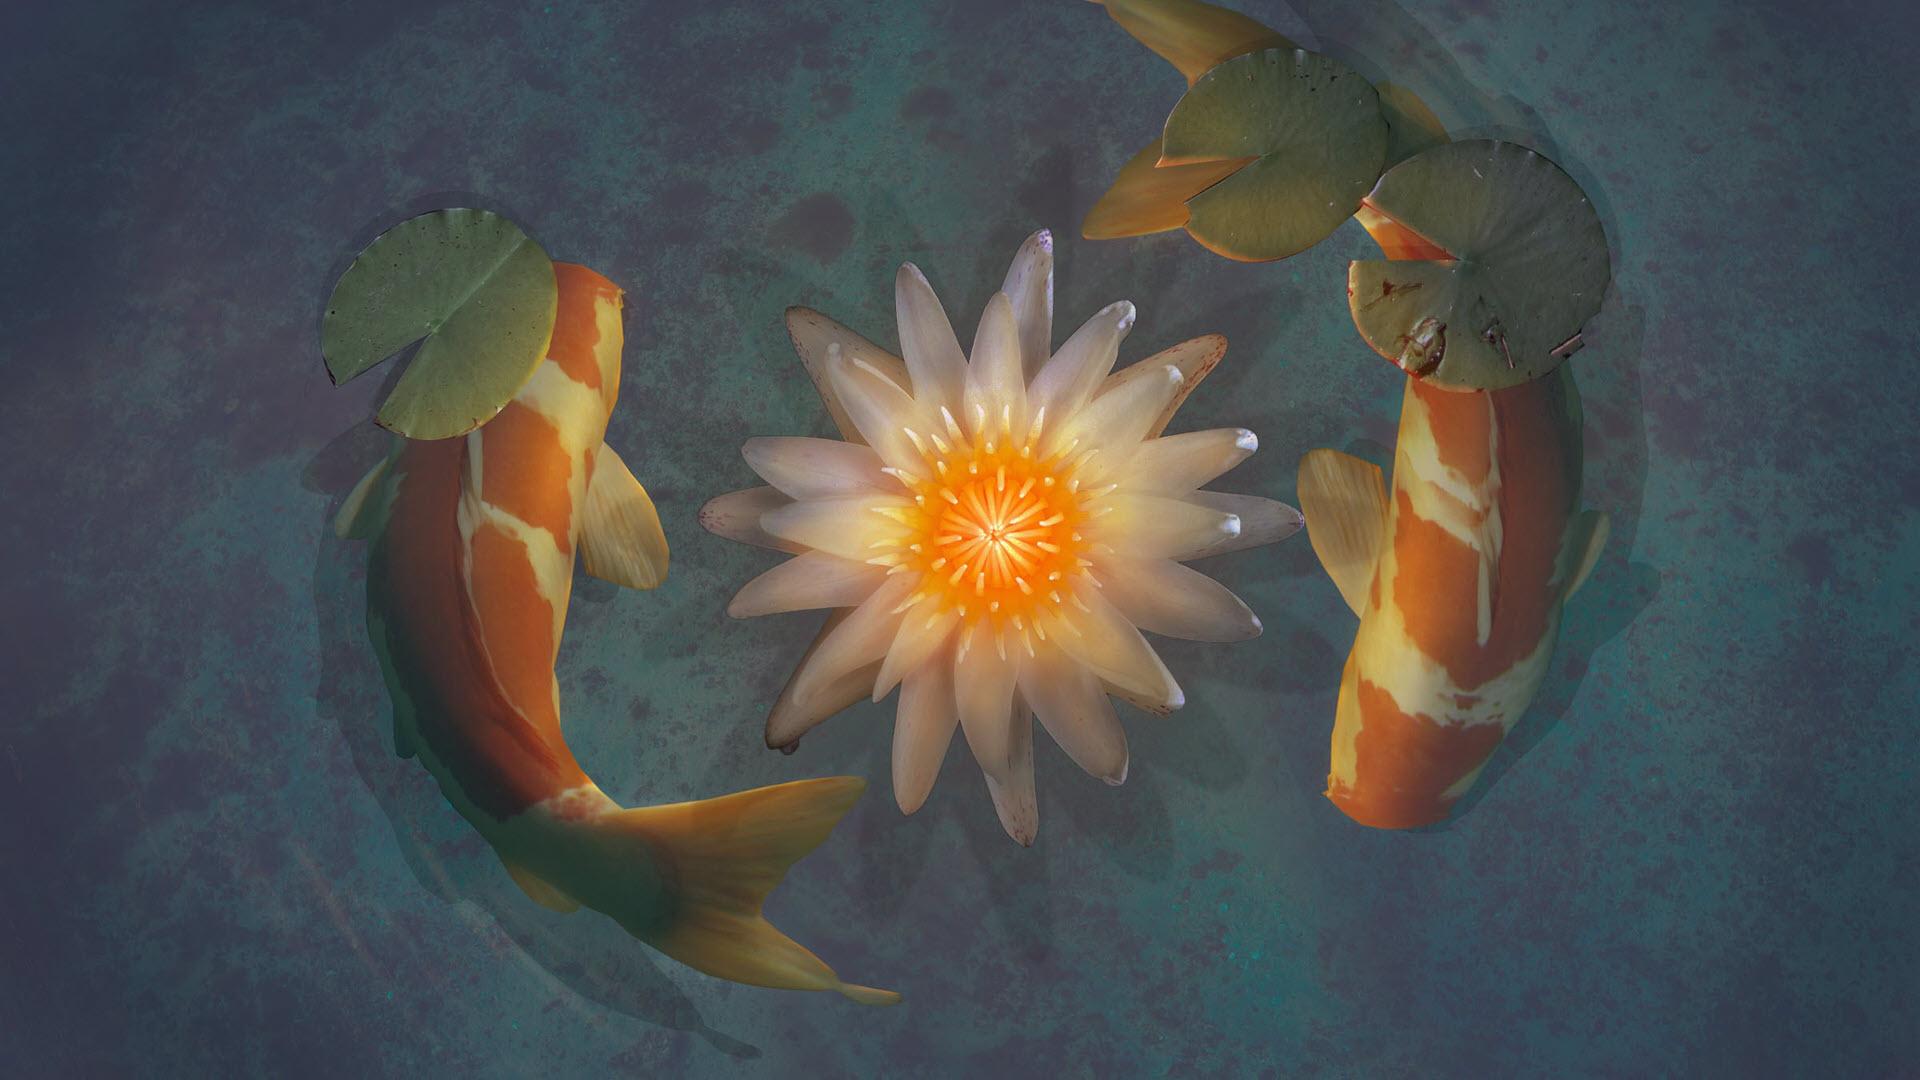 Hình nền cá koi đem lại may mắn